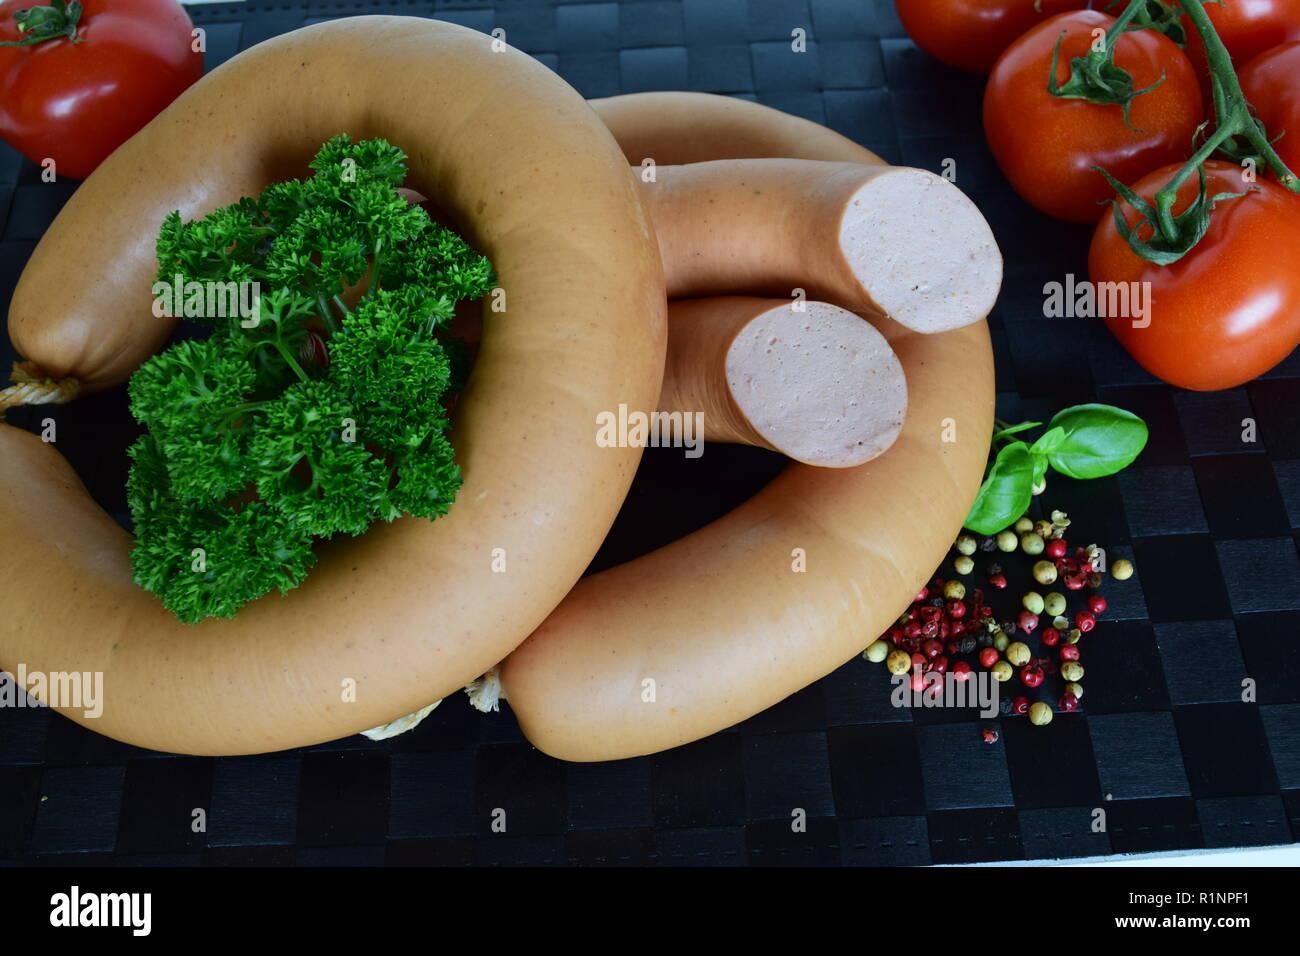 Lyoner is a Sausage delicatessen on a black placemat.                 Lyoner ist ein Wurst-Delikatessen auf einem schwarzen Tischset. - Stock Image